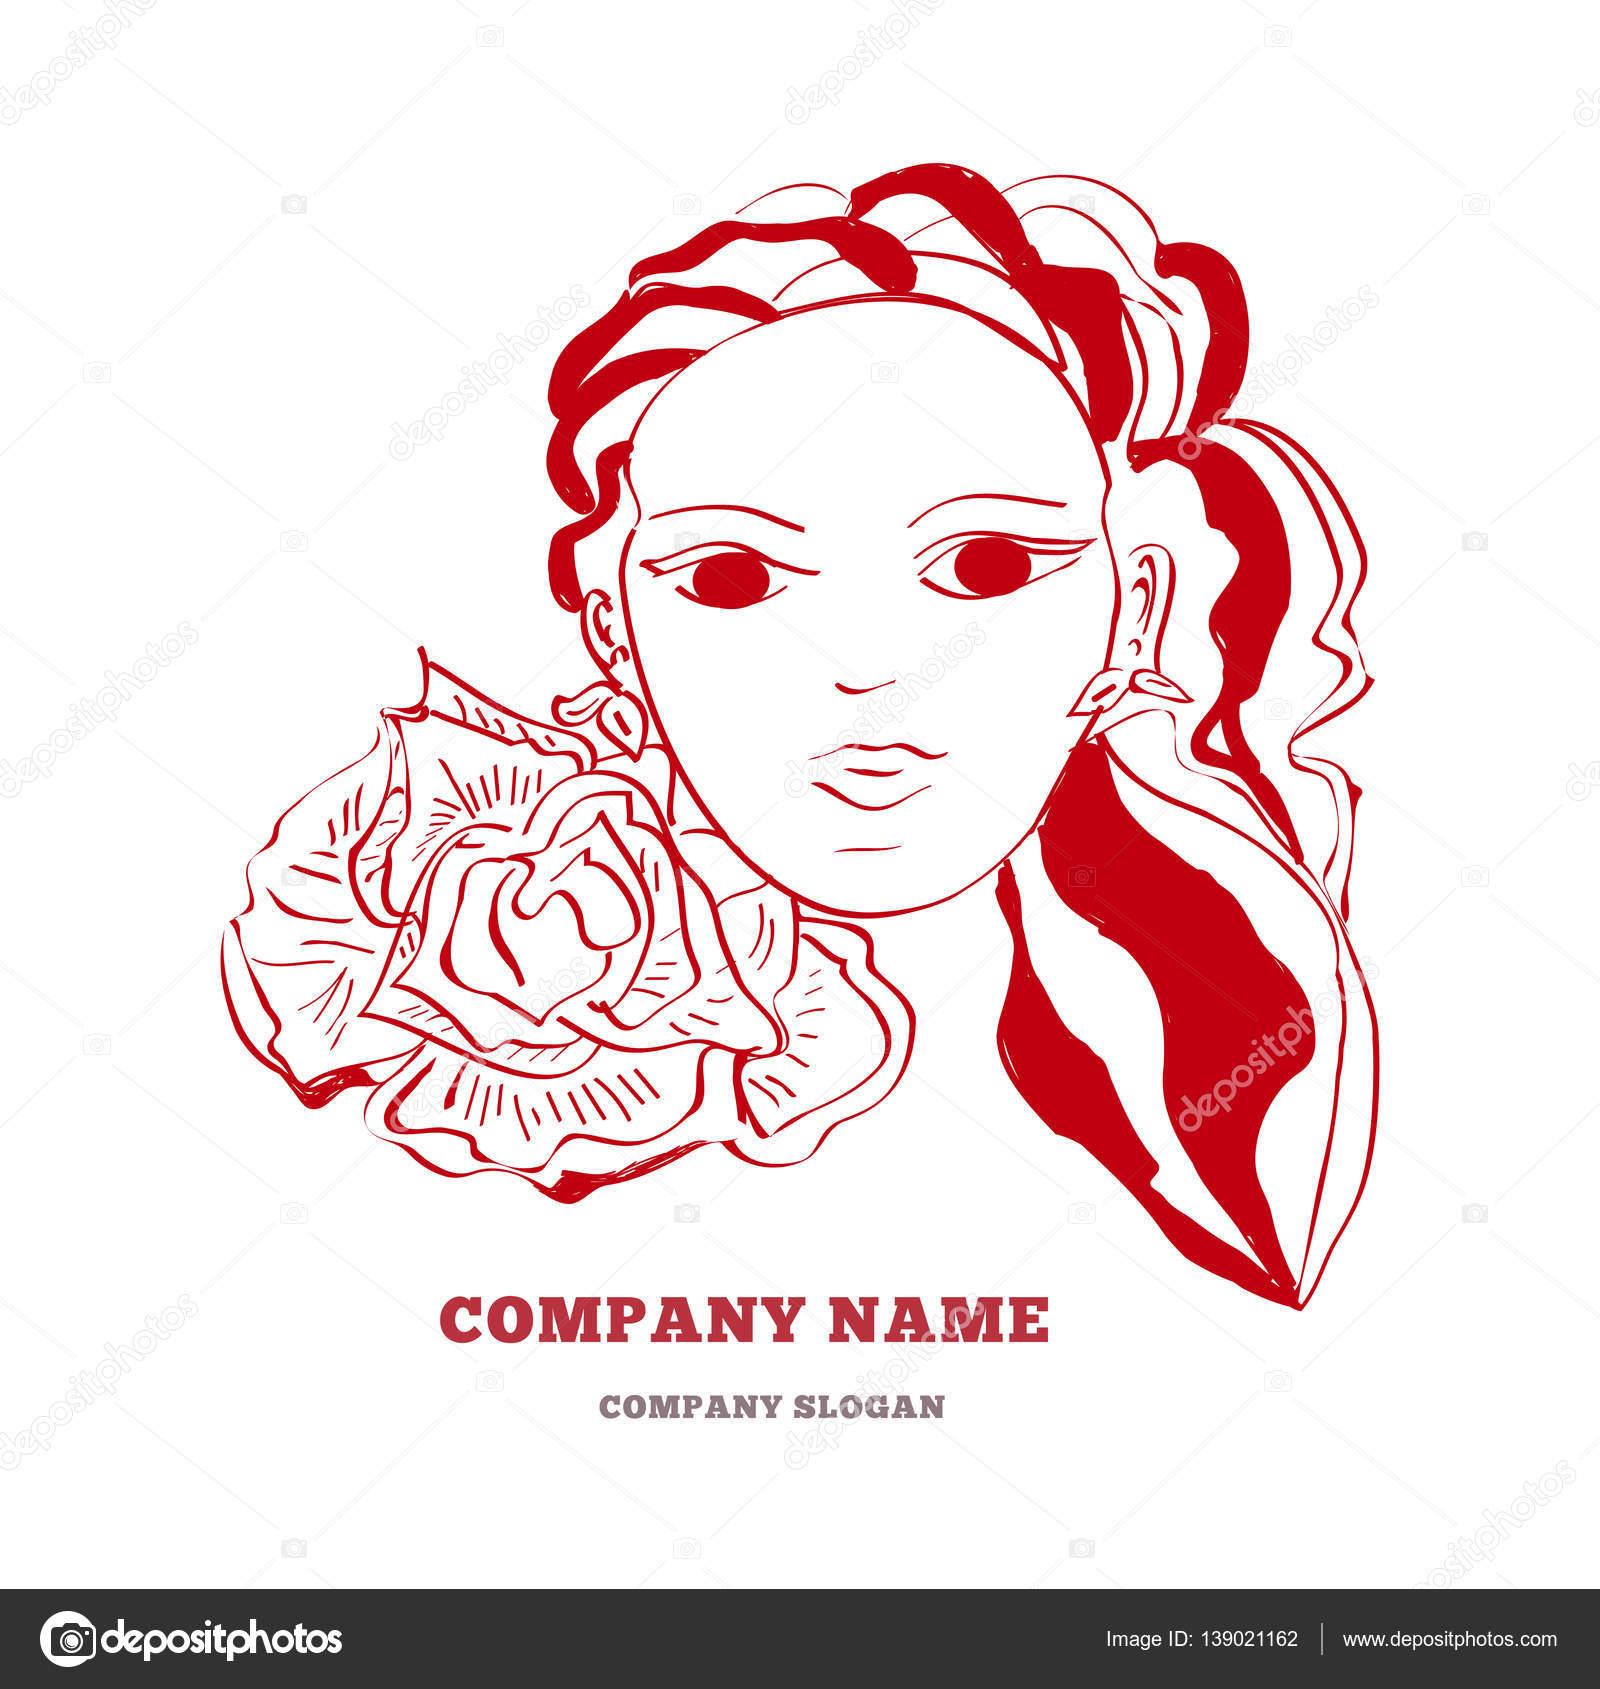 Plantilla de diseño de logotipo vectorial con rostro femenino y rosa ...